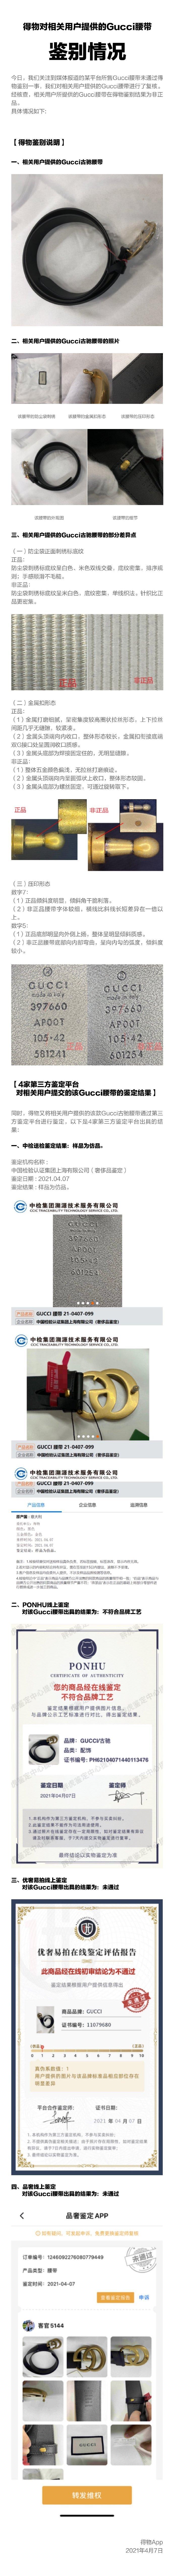 唯品会陷售假风波:被指卖Gucci腰带 唯品会声称保真的照片 - 2